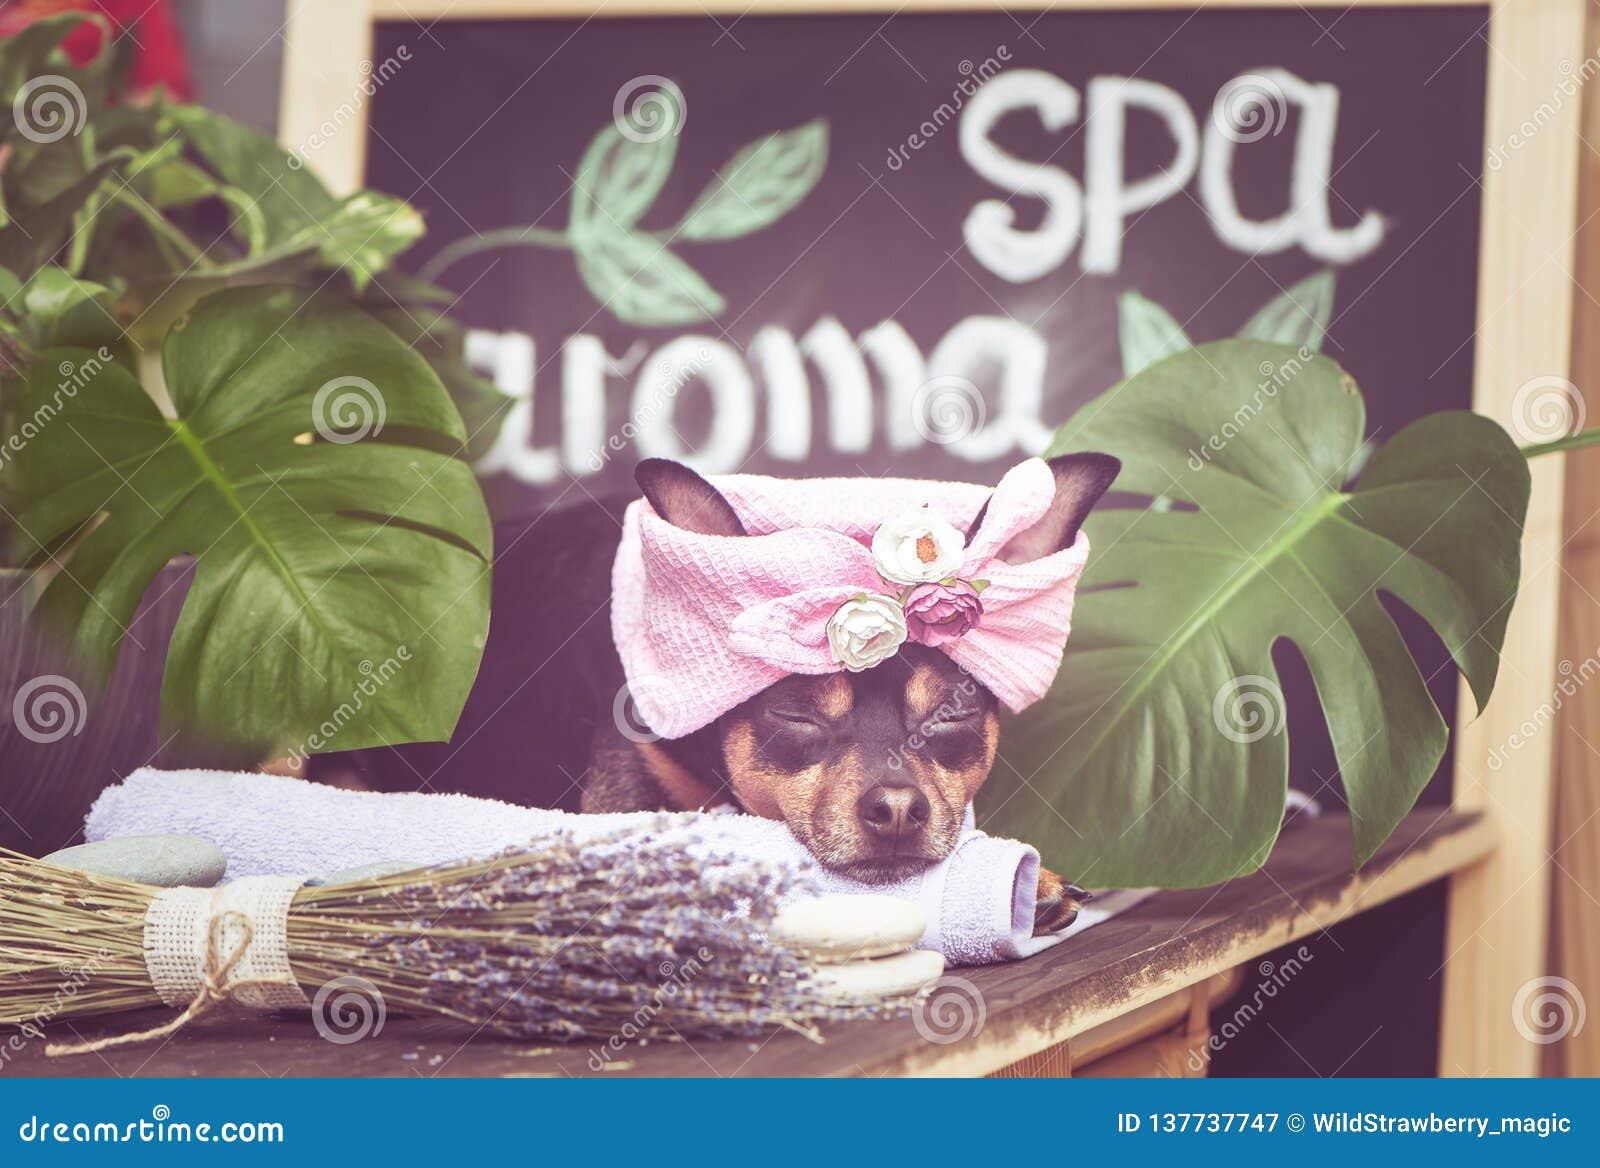 Massage en kuuroord, een hond in een tulband van een handdoek